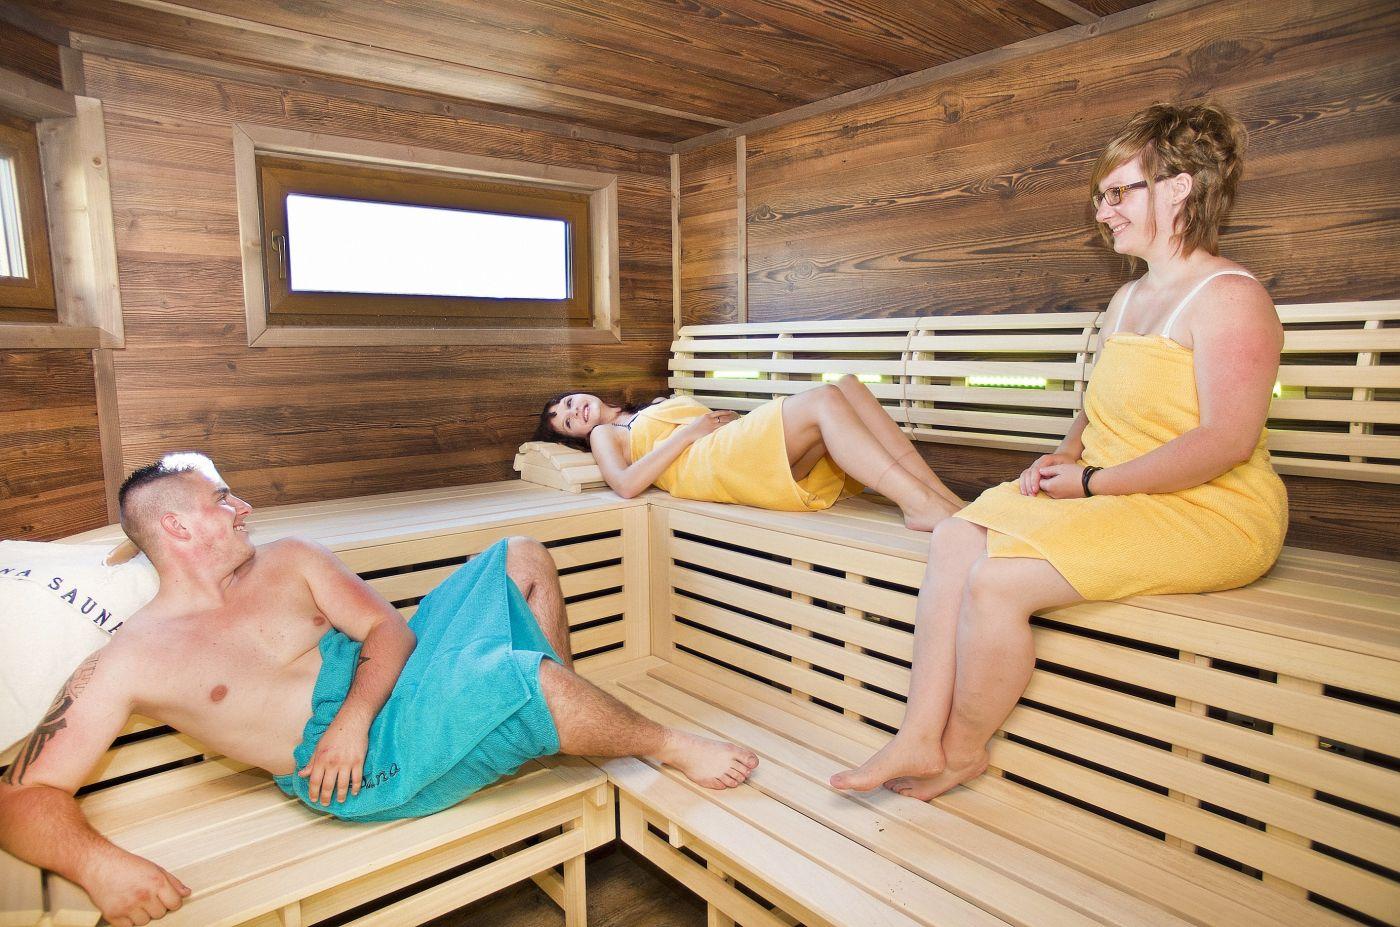 familiensauna berger raumsysteme bei bautzen. Black Bedroom Furniture Sets. Home Design Ideas